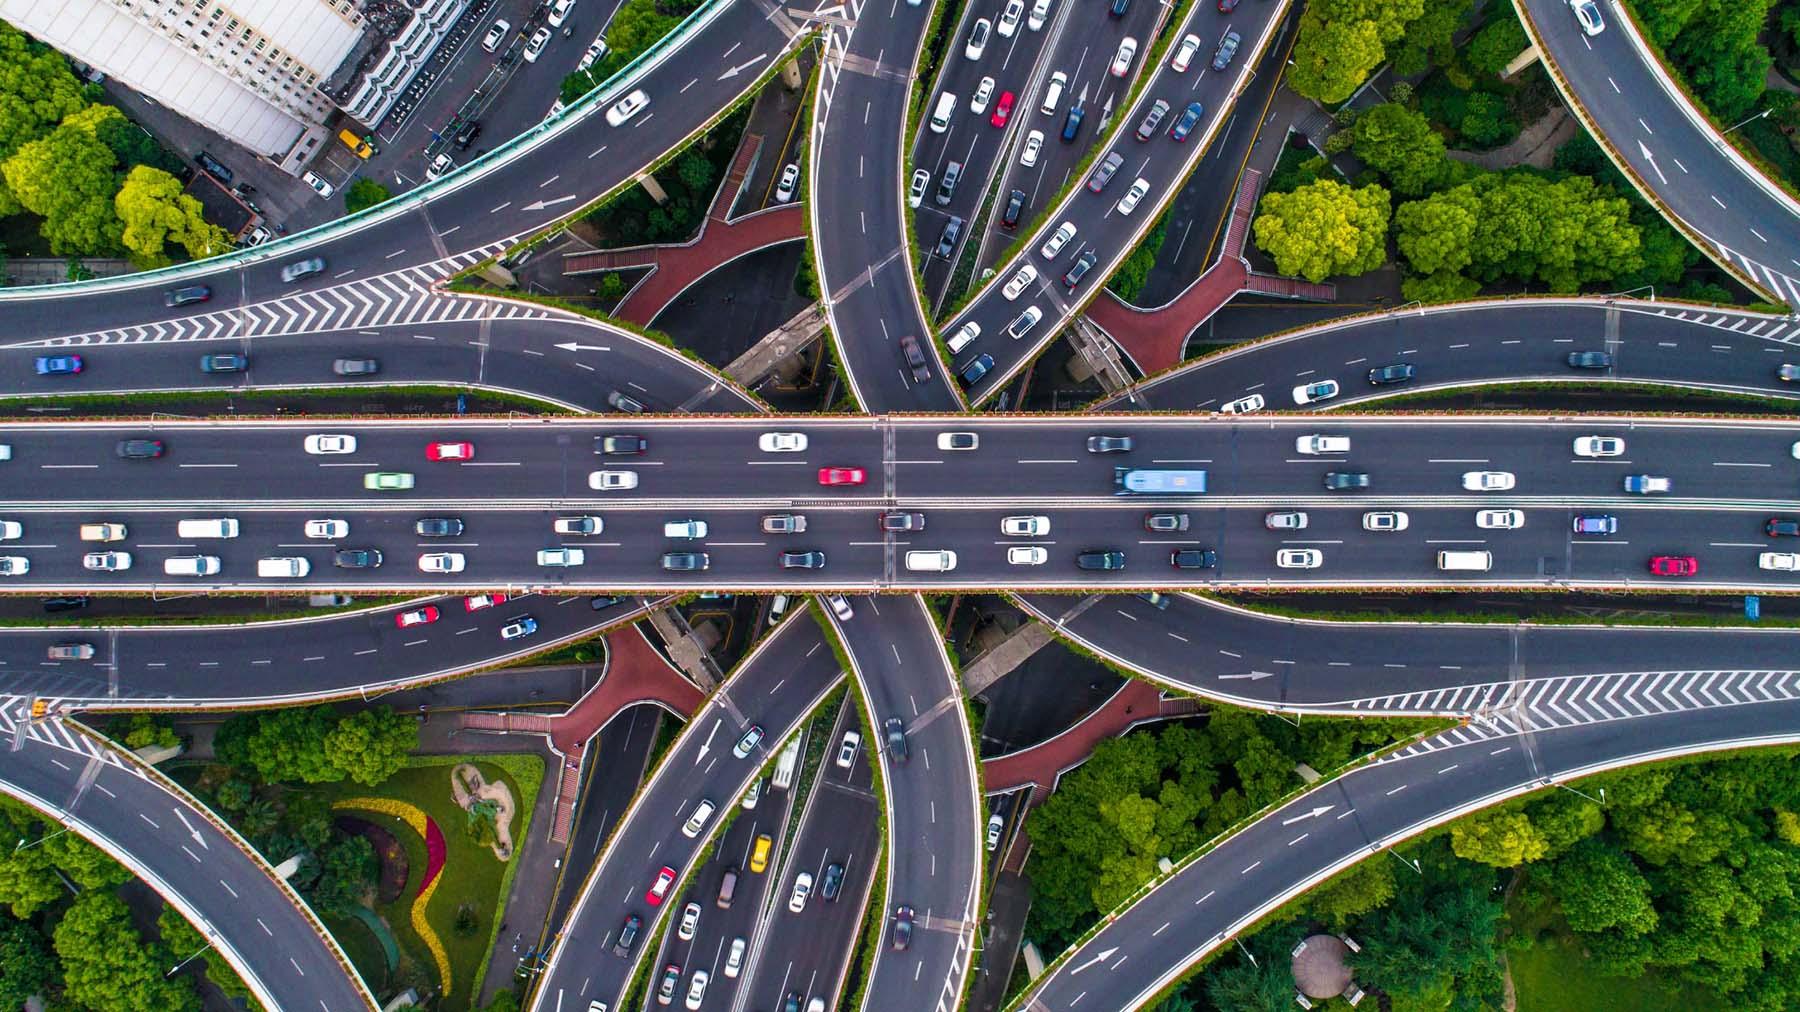 Carreteras con vehículos